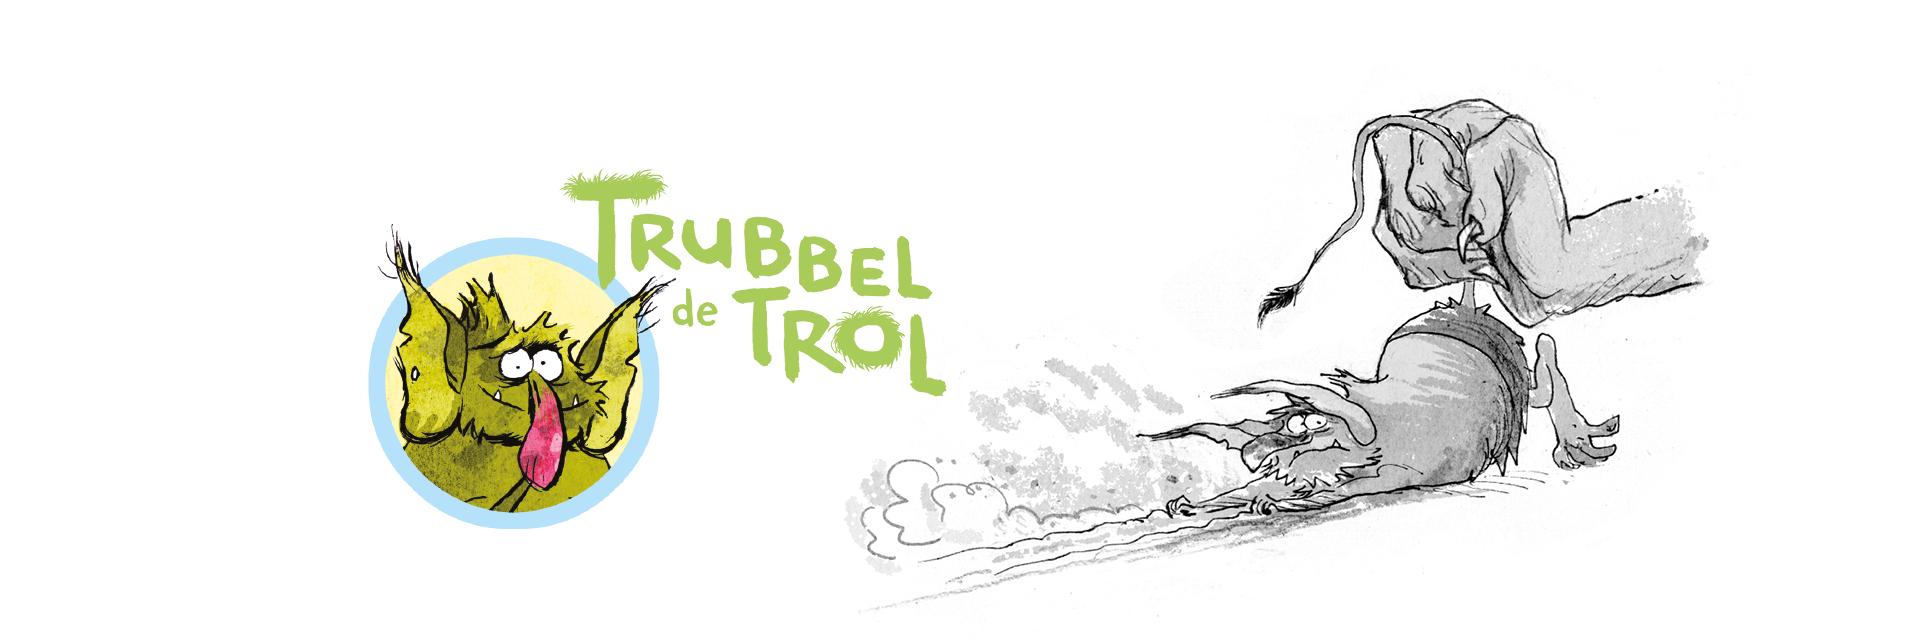 Trubbel de trol - Reggie Naus - Kees de Boer